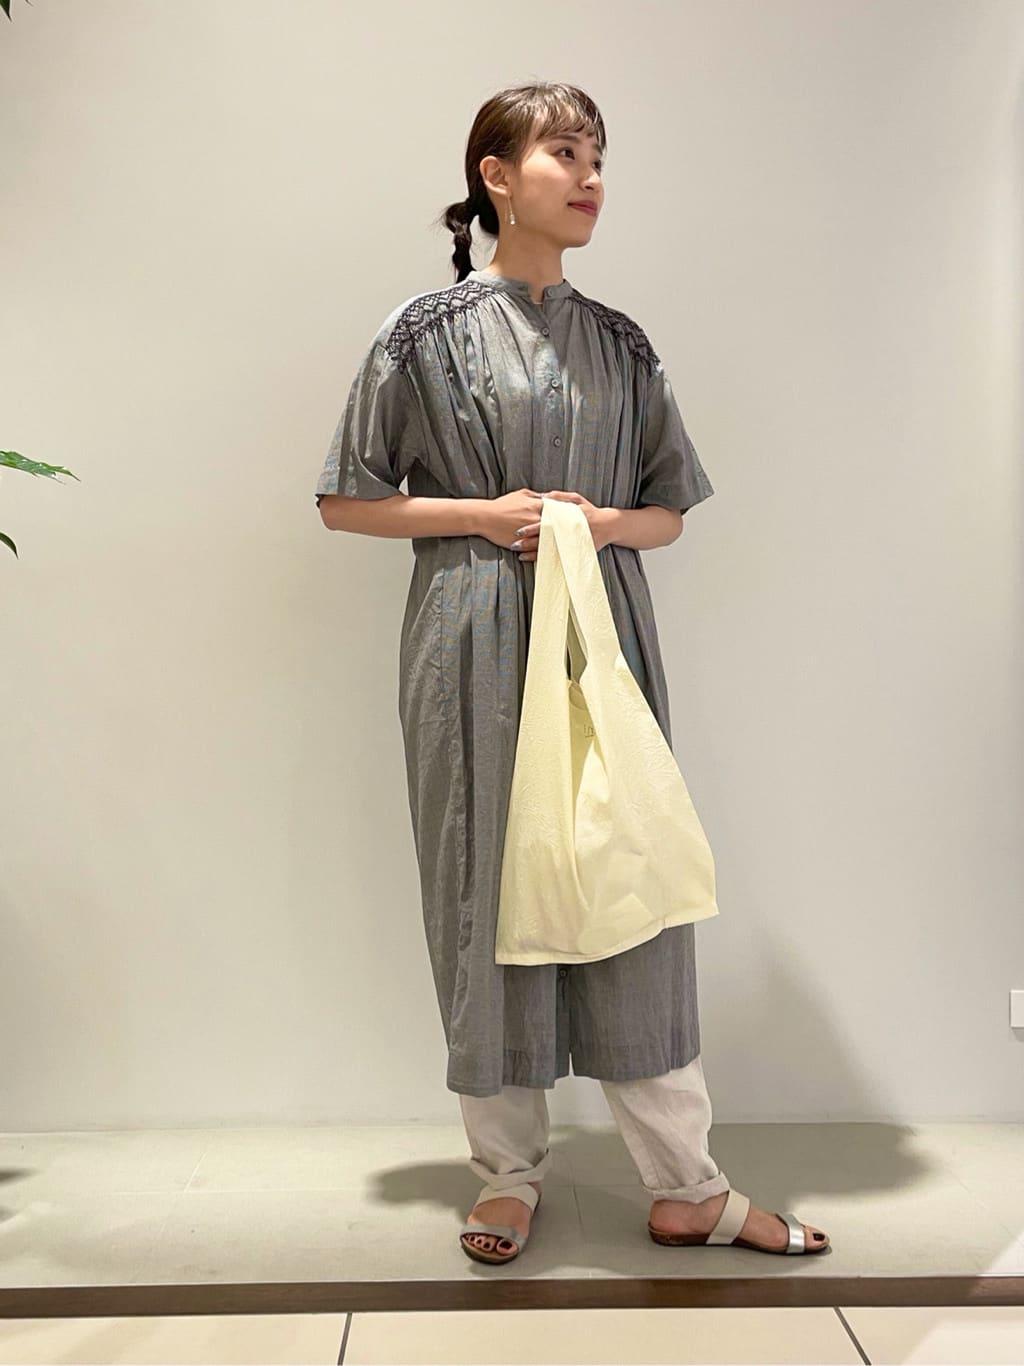 yuni 二子玉川ライズ 身長:164cm 2021.06.18